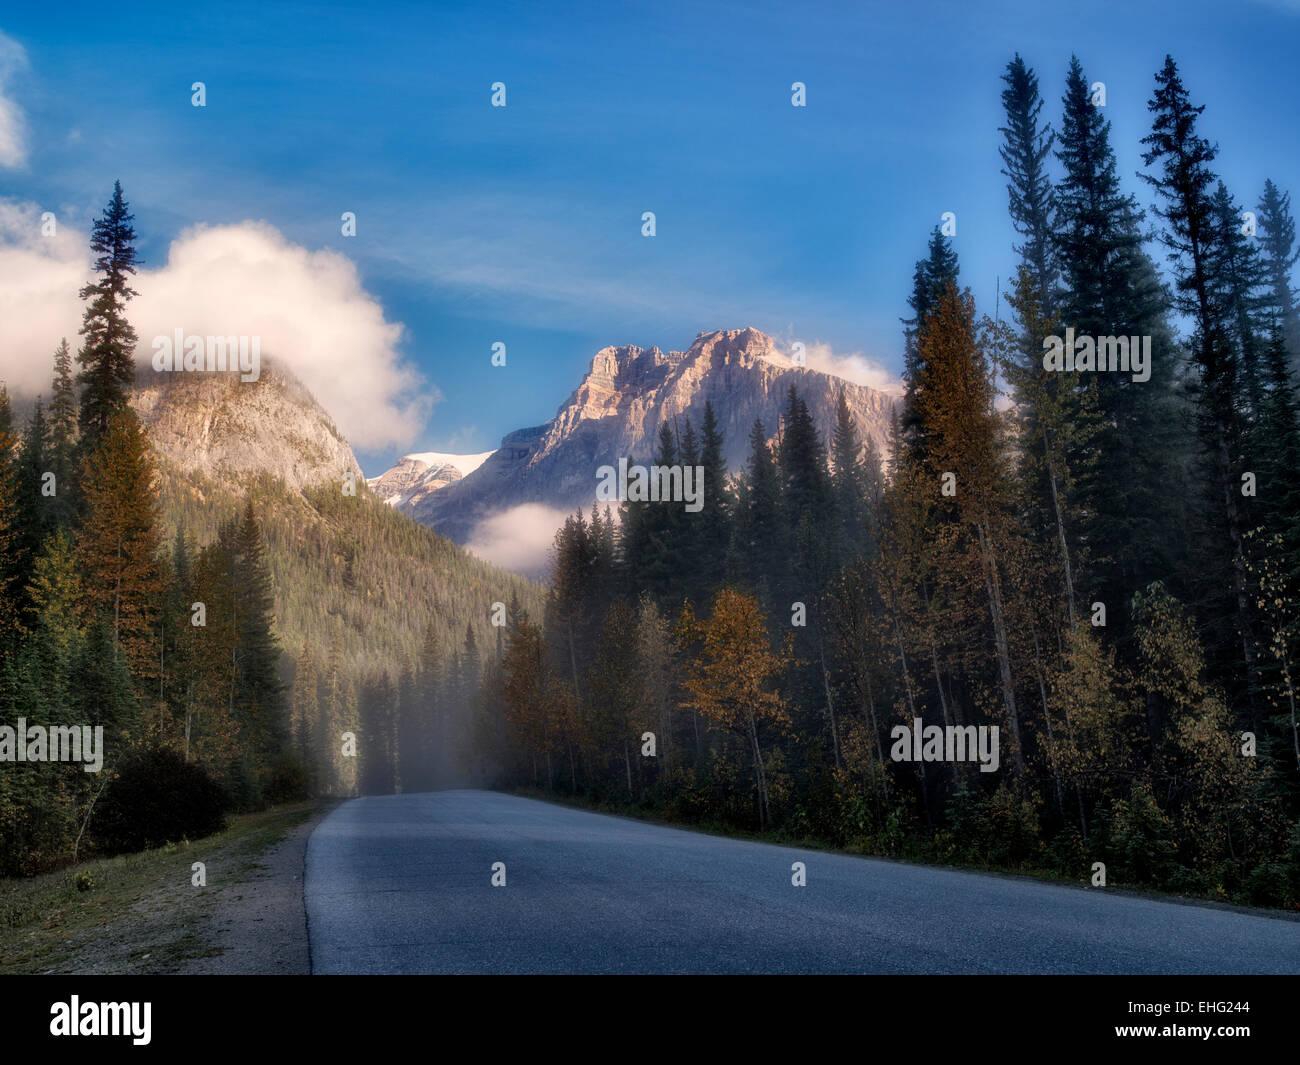 La niebla y la carretera con el amanecer. El Parque Nacional Yoho, Britsh Colmbia, Canadá. Imagen De Stock